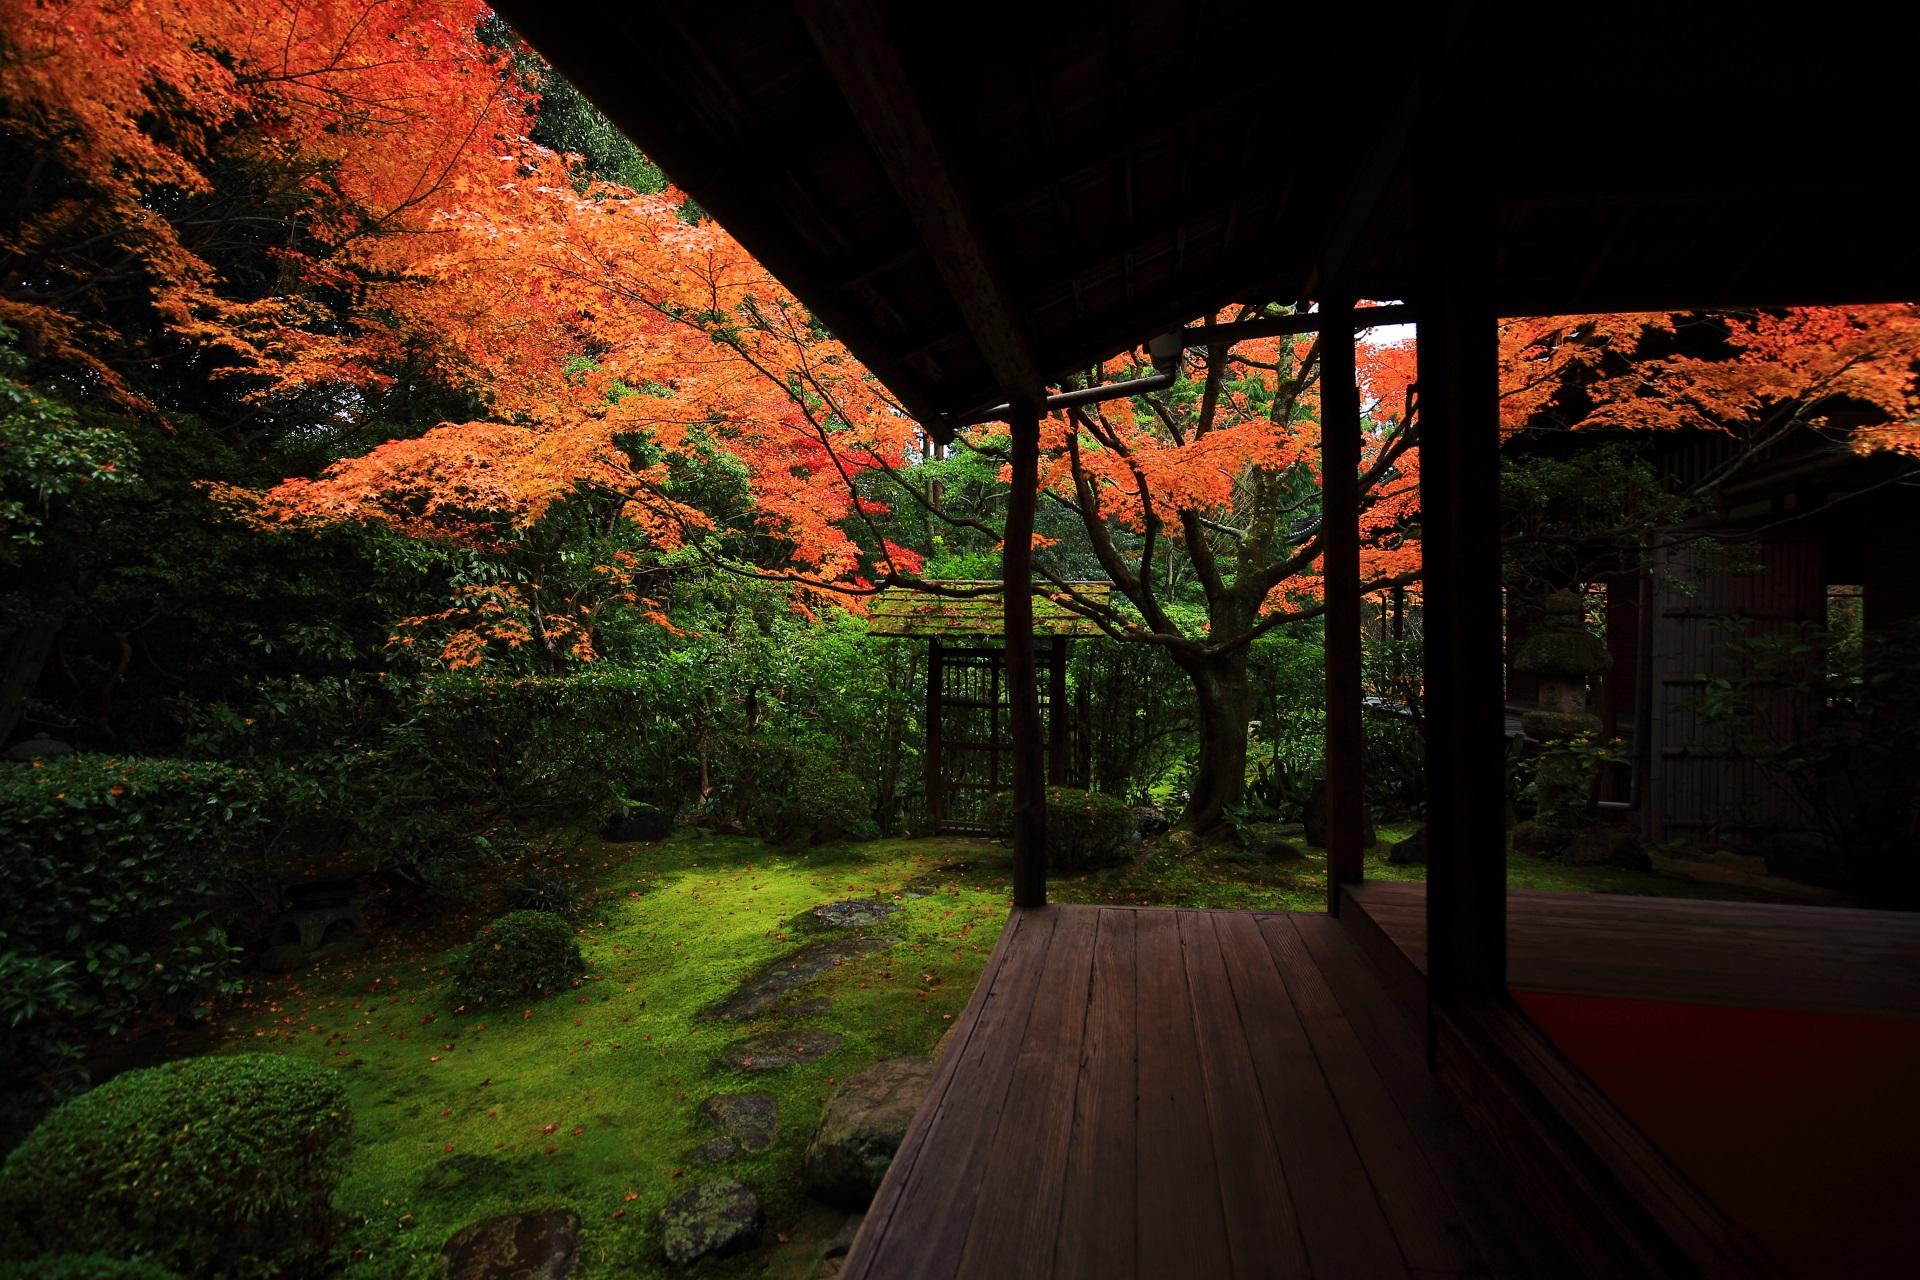 落ち着いた庭園で浮かび上がるように色づく綺麗な紅葉